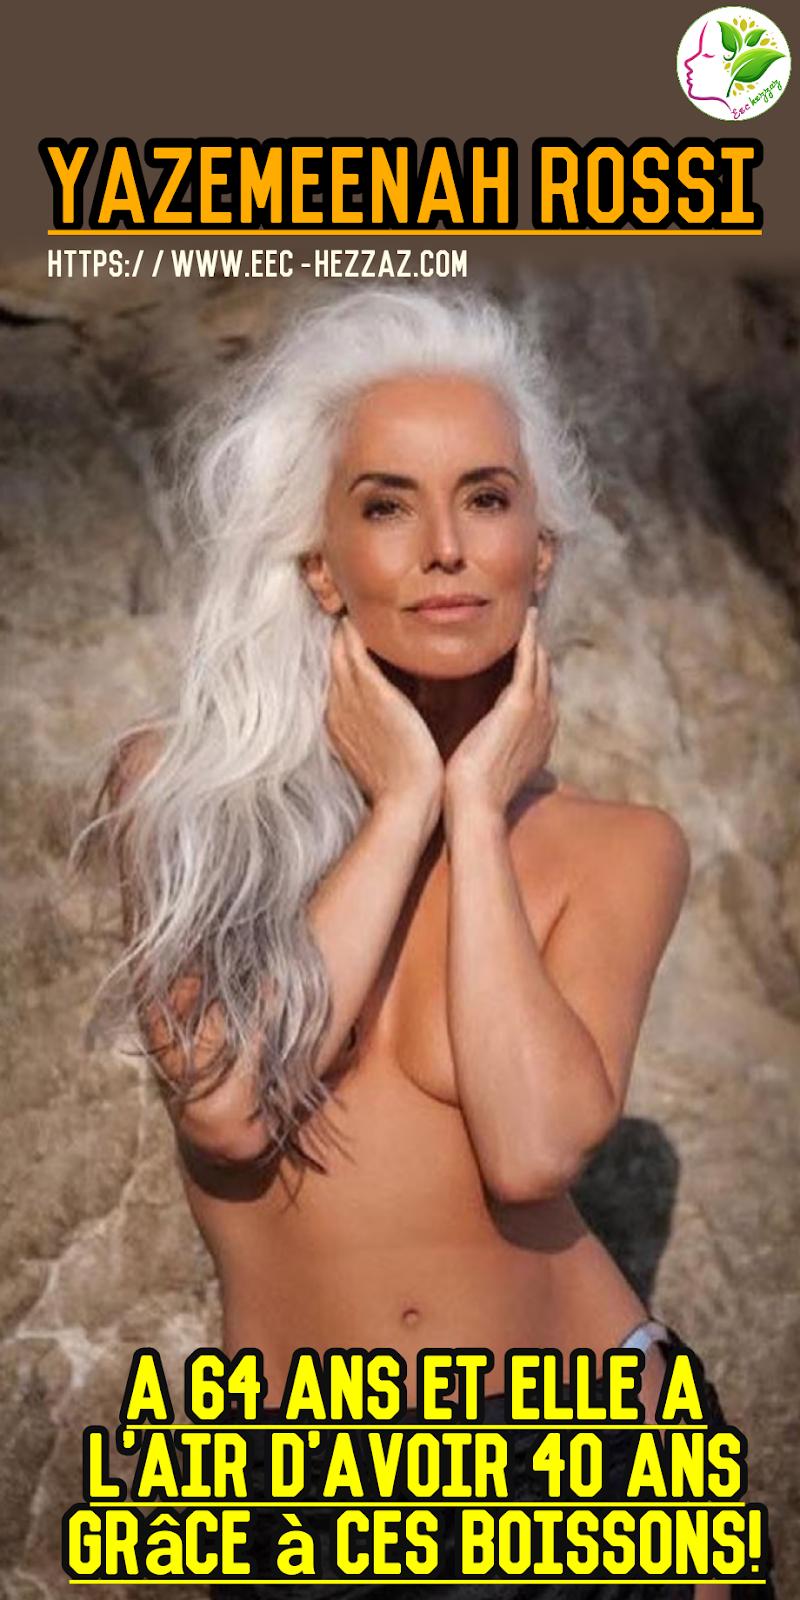 Yazemeenah Rossi a 64 ans et elle a l'air d'avoir 40 ans grâce à ces boissons!